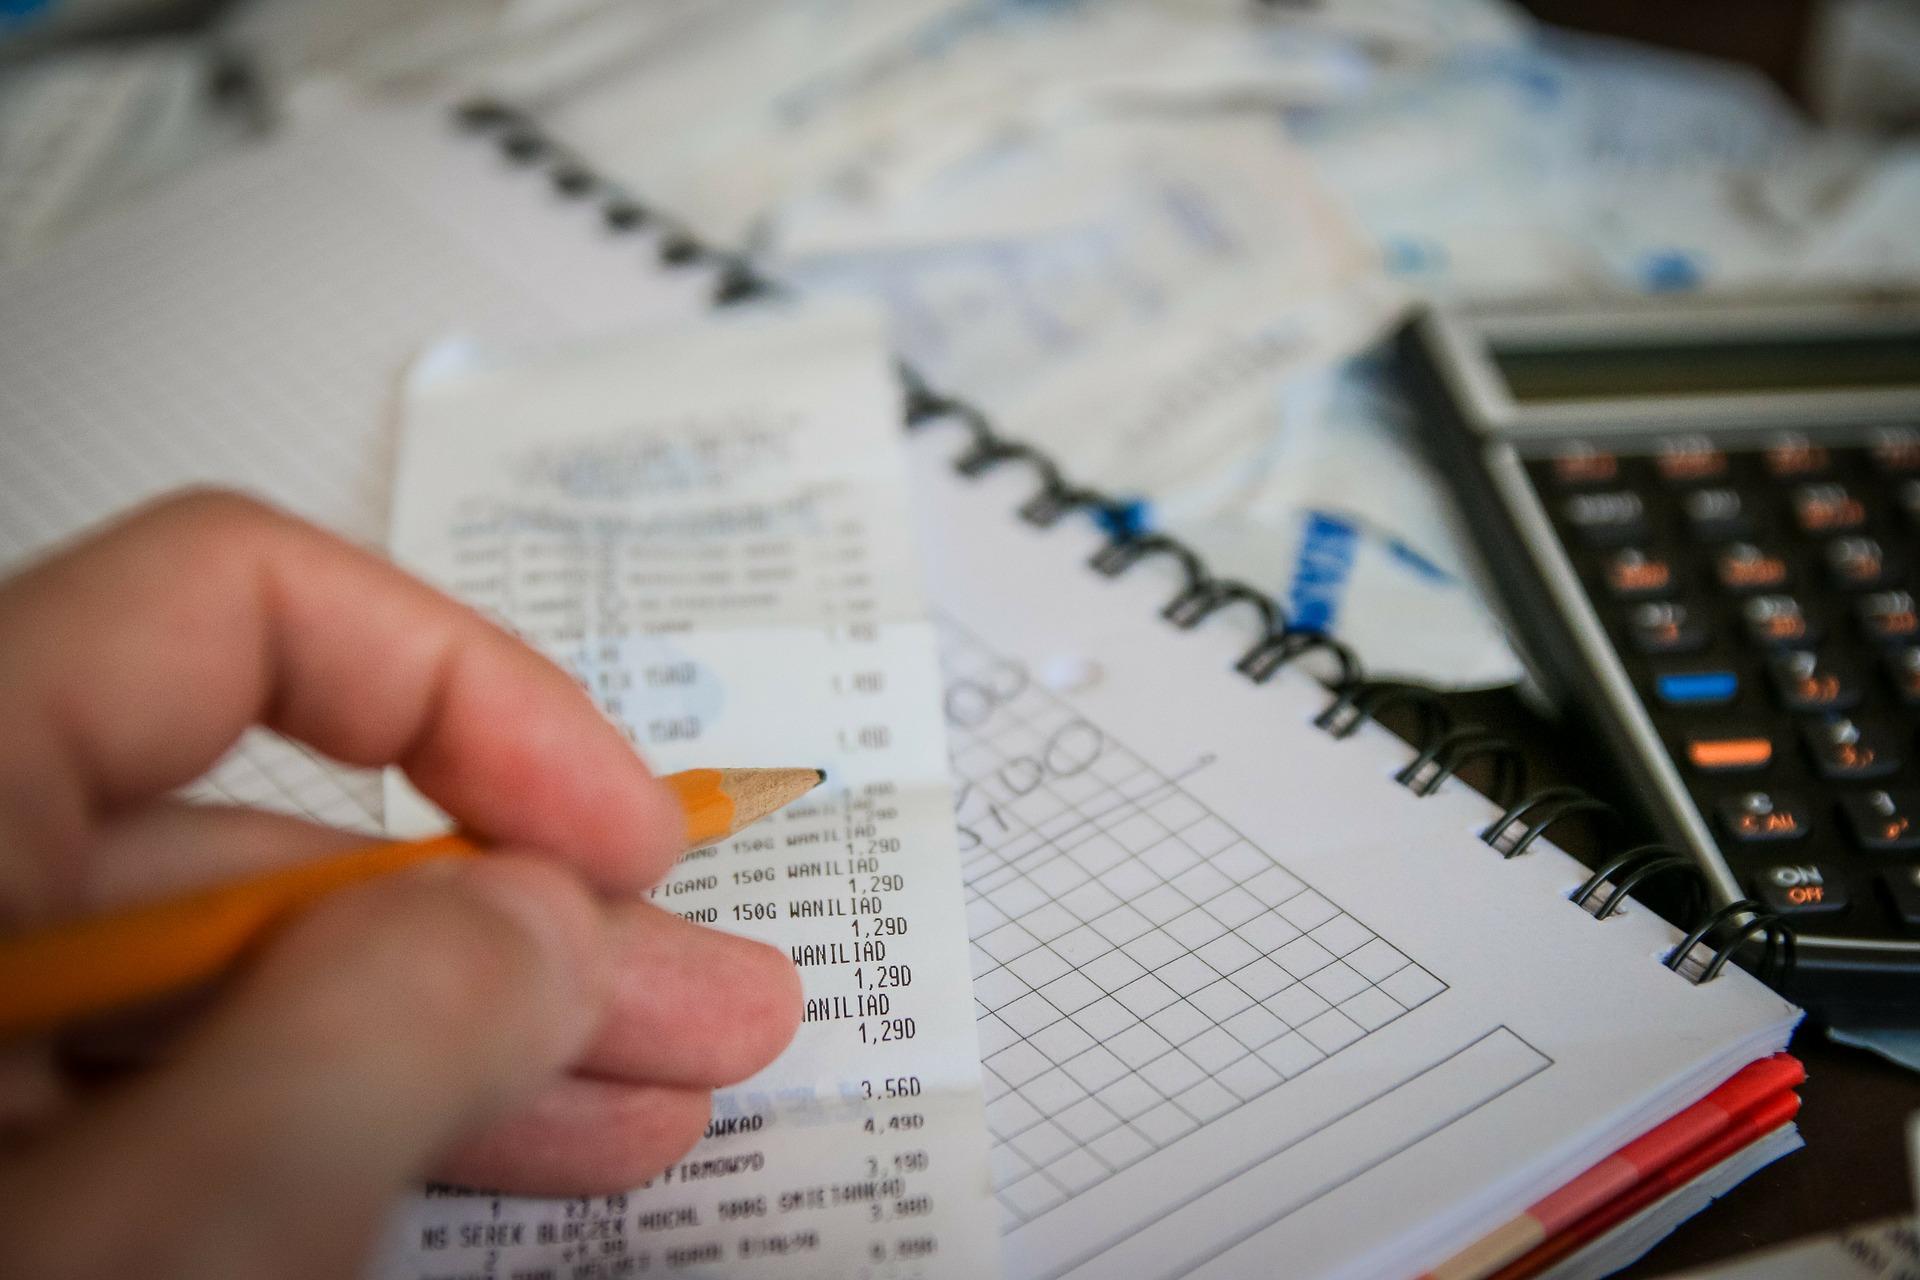 毎月の給料は夜職よりも大幅に下がる可能性を頭に入れておく